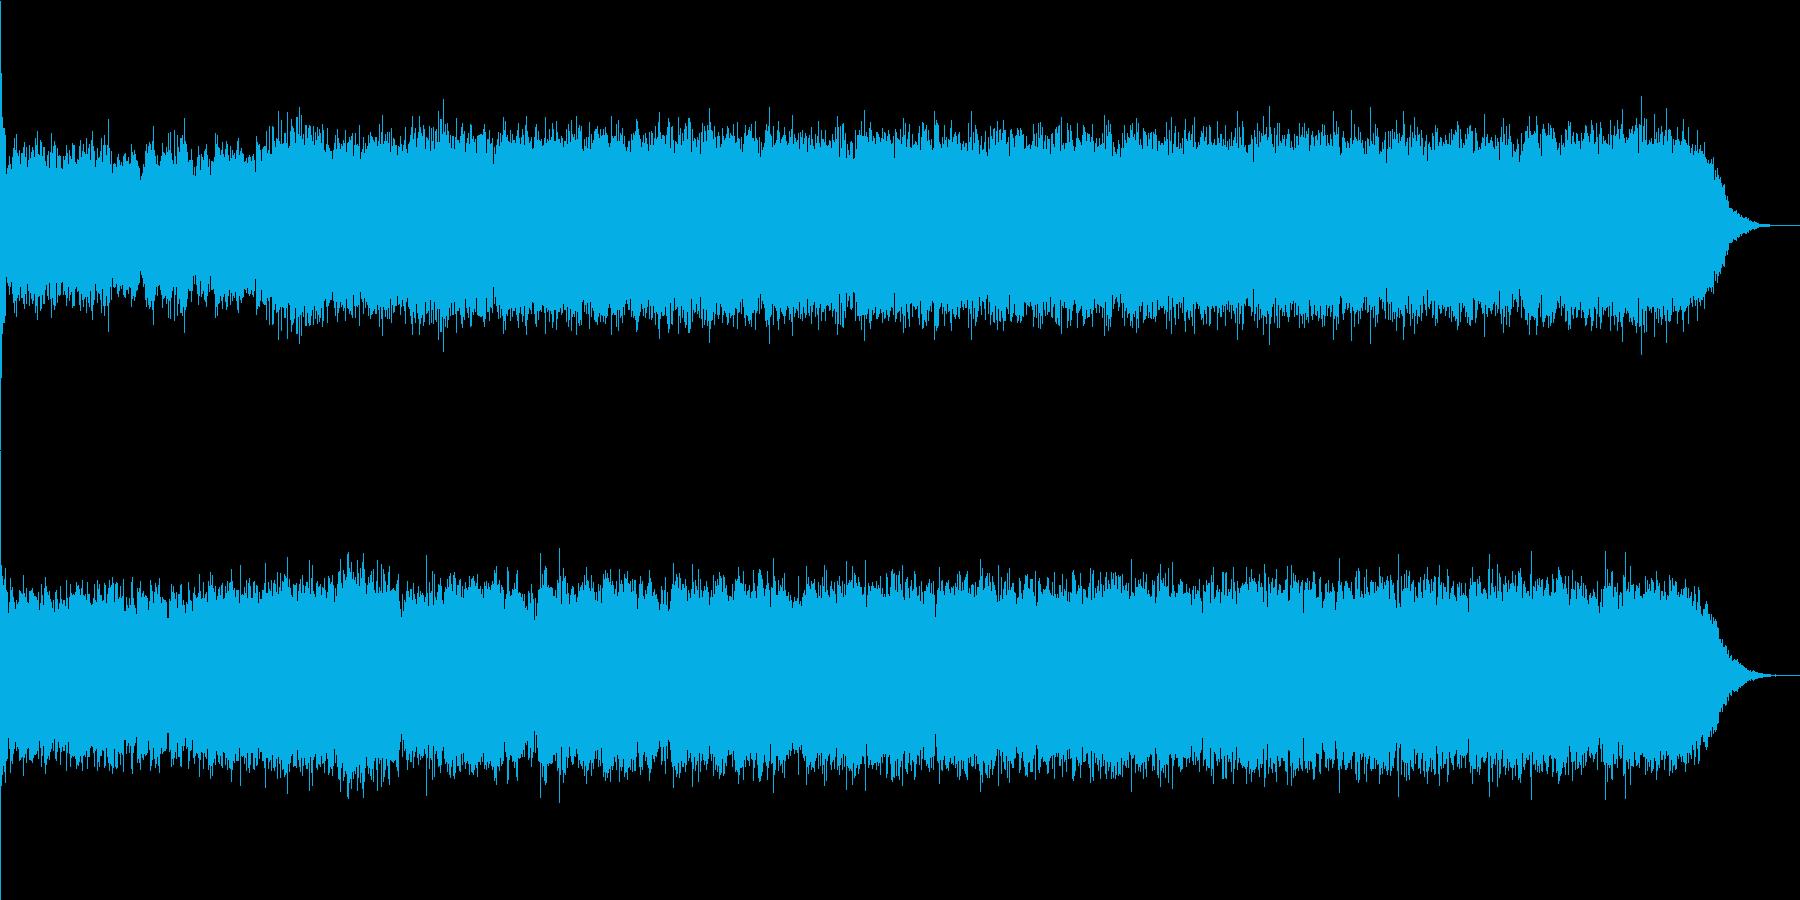 魔法のイメージの再生済みの波形